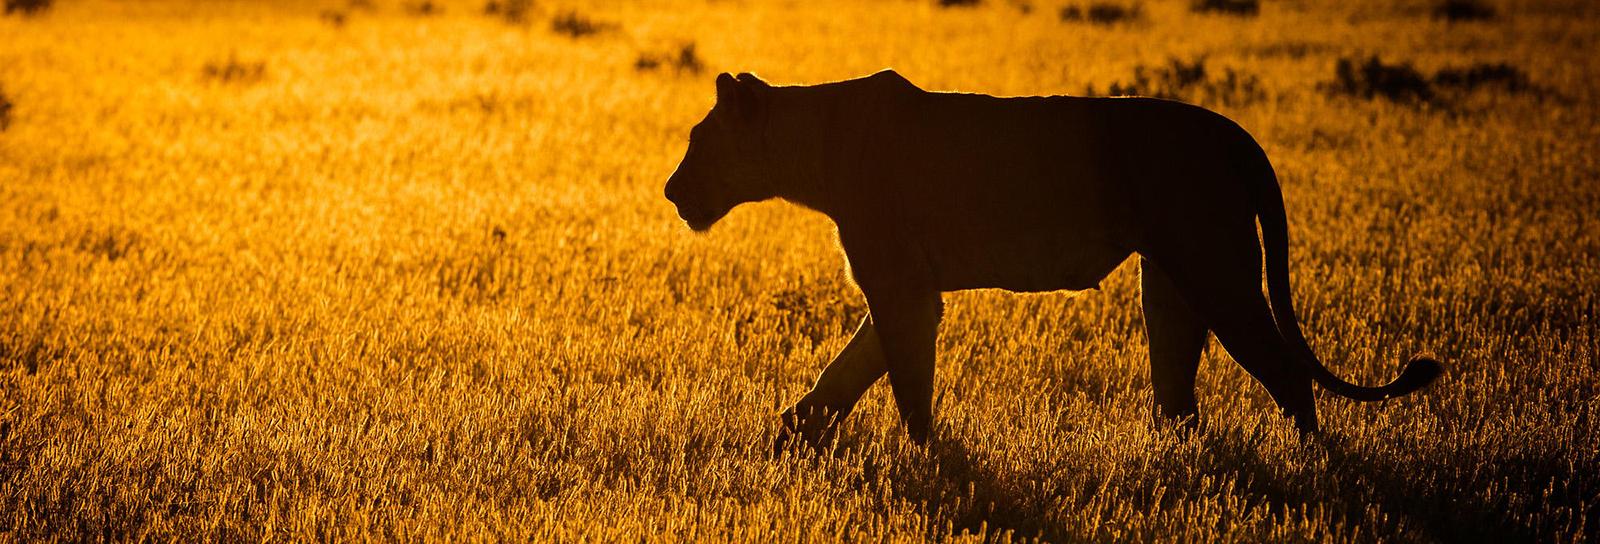 Fotógrafo usa o nascer e o pôr do sol para captar a vida selvagem no sul de África